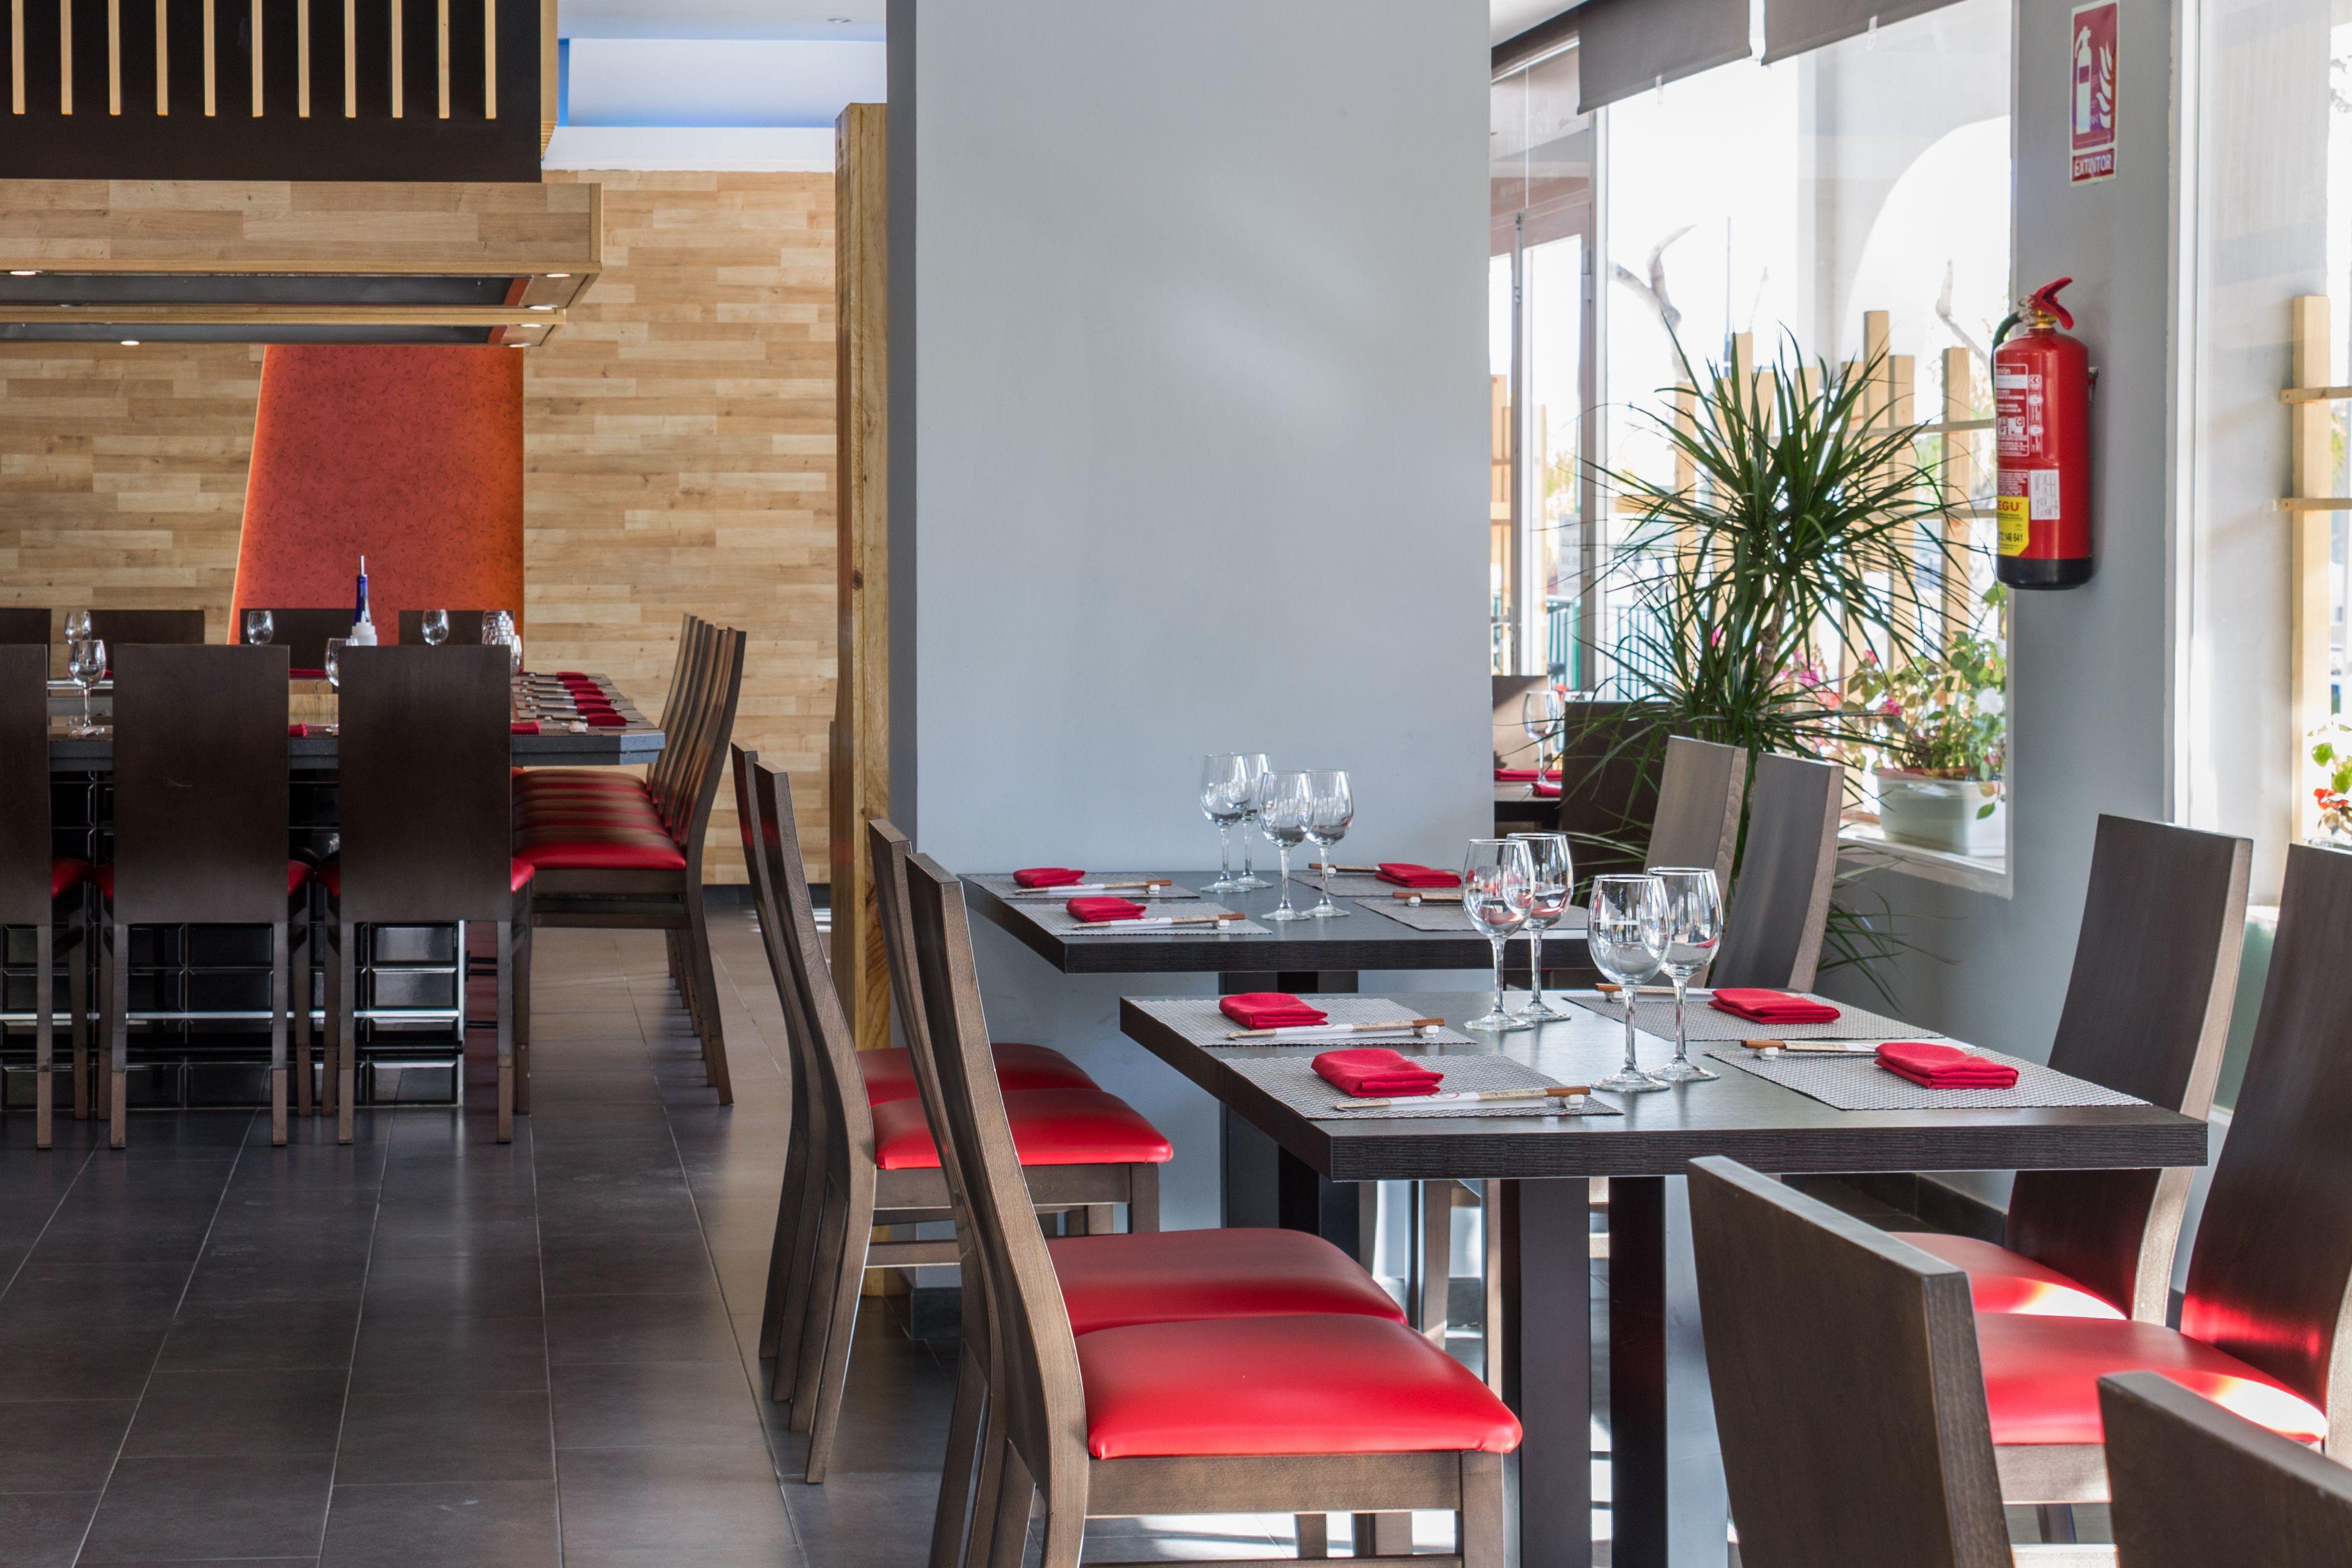 Foto 8 de Cocina japonesa en Fuengirola | Restaurante Teppanyaki Kazuki